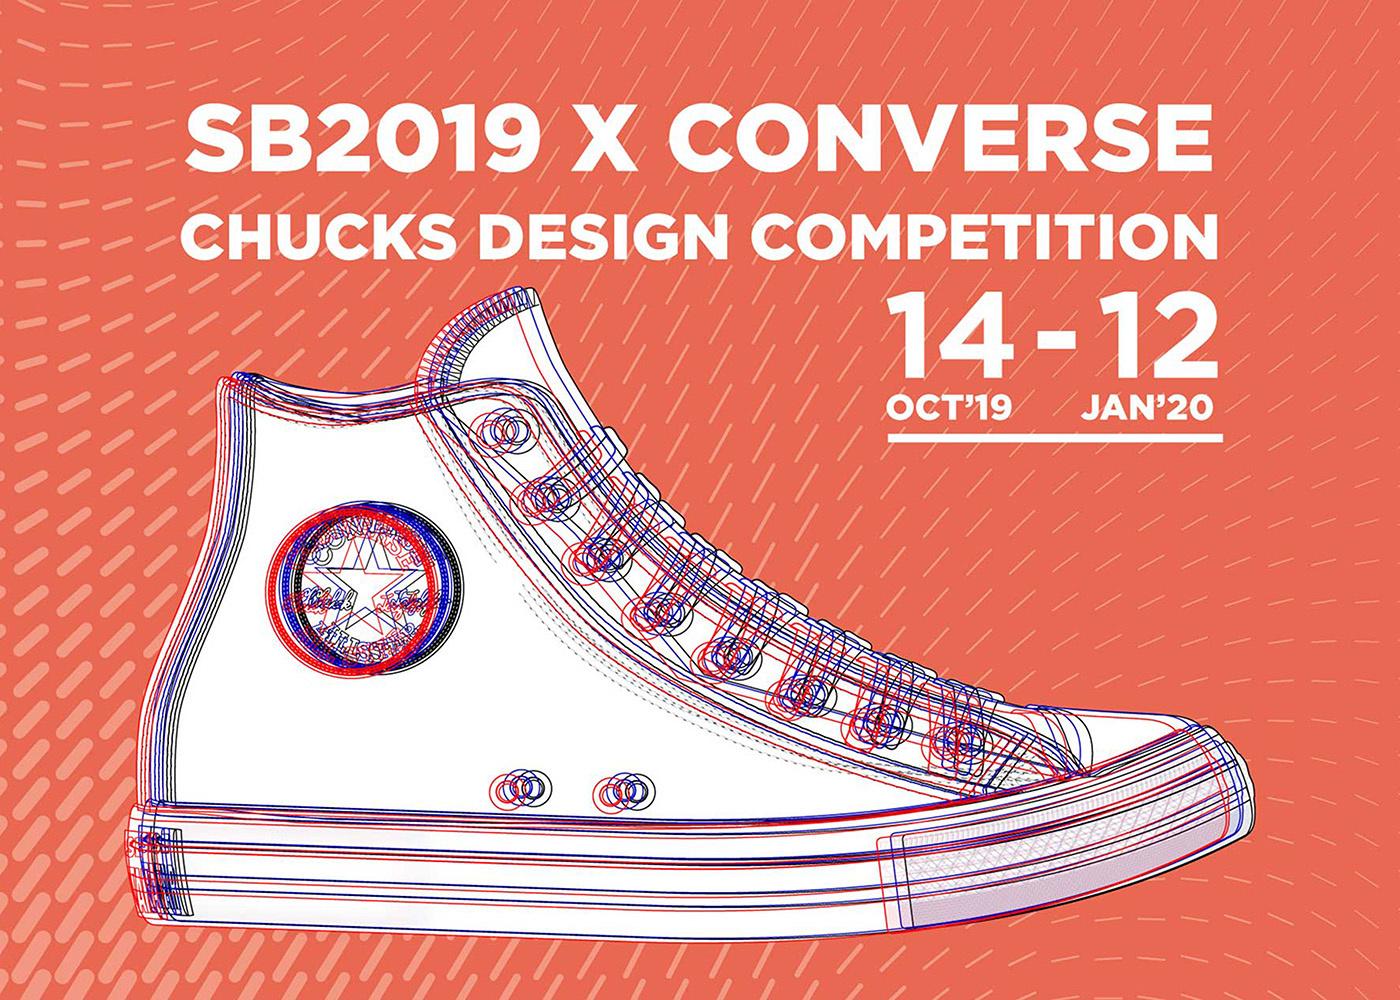 SB2019 x Converse Chucks Design Competition